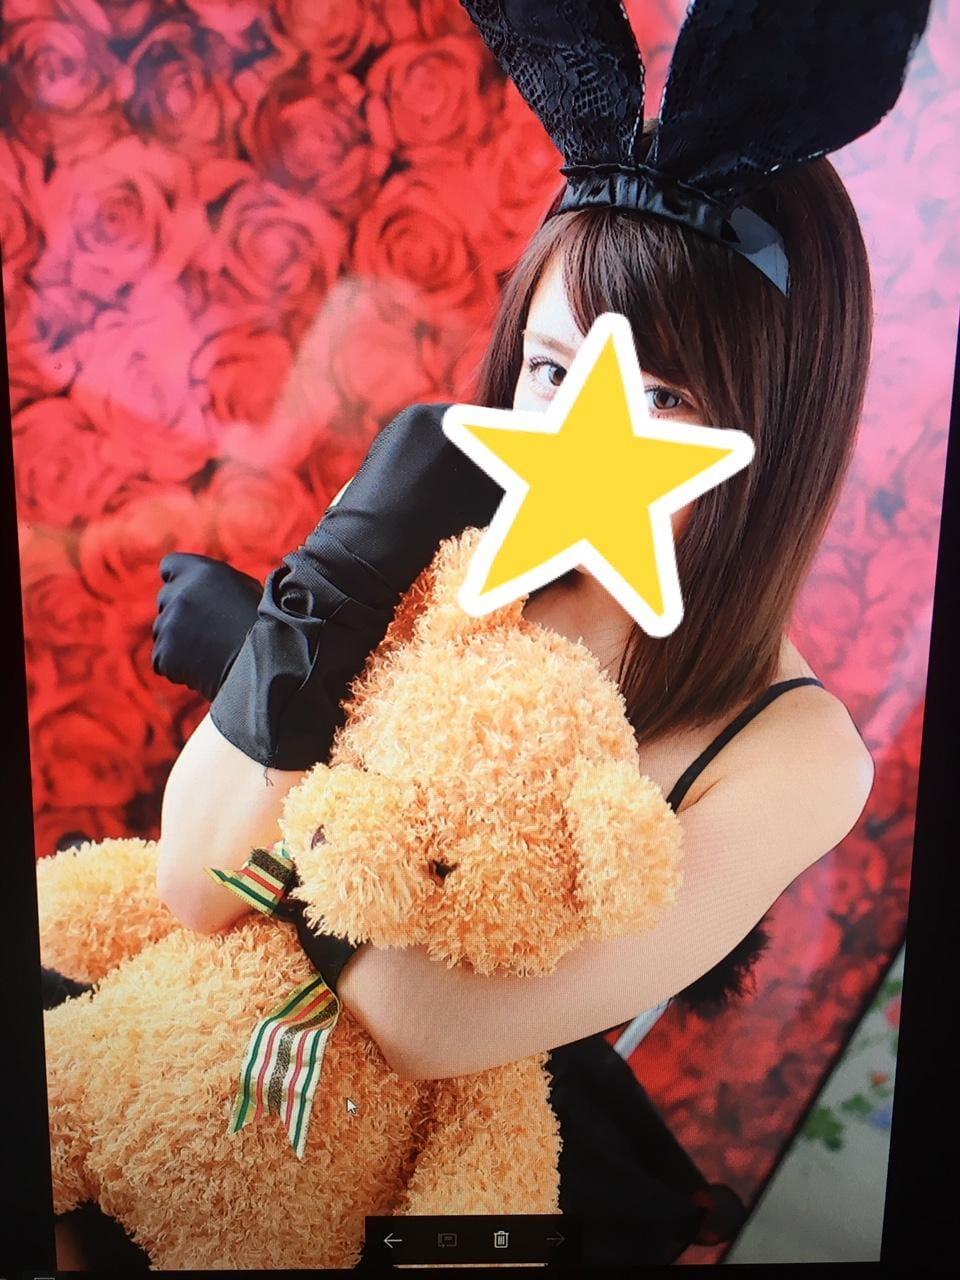 「おわりん♫」09/24(09/24) 19:12 | ツムギの写メ・風俗動画